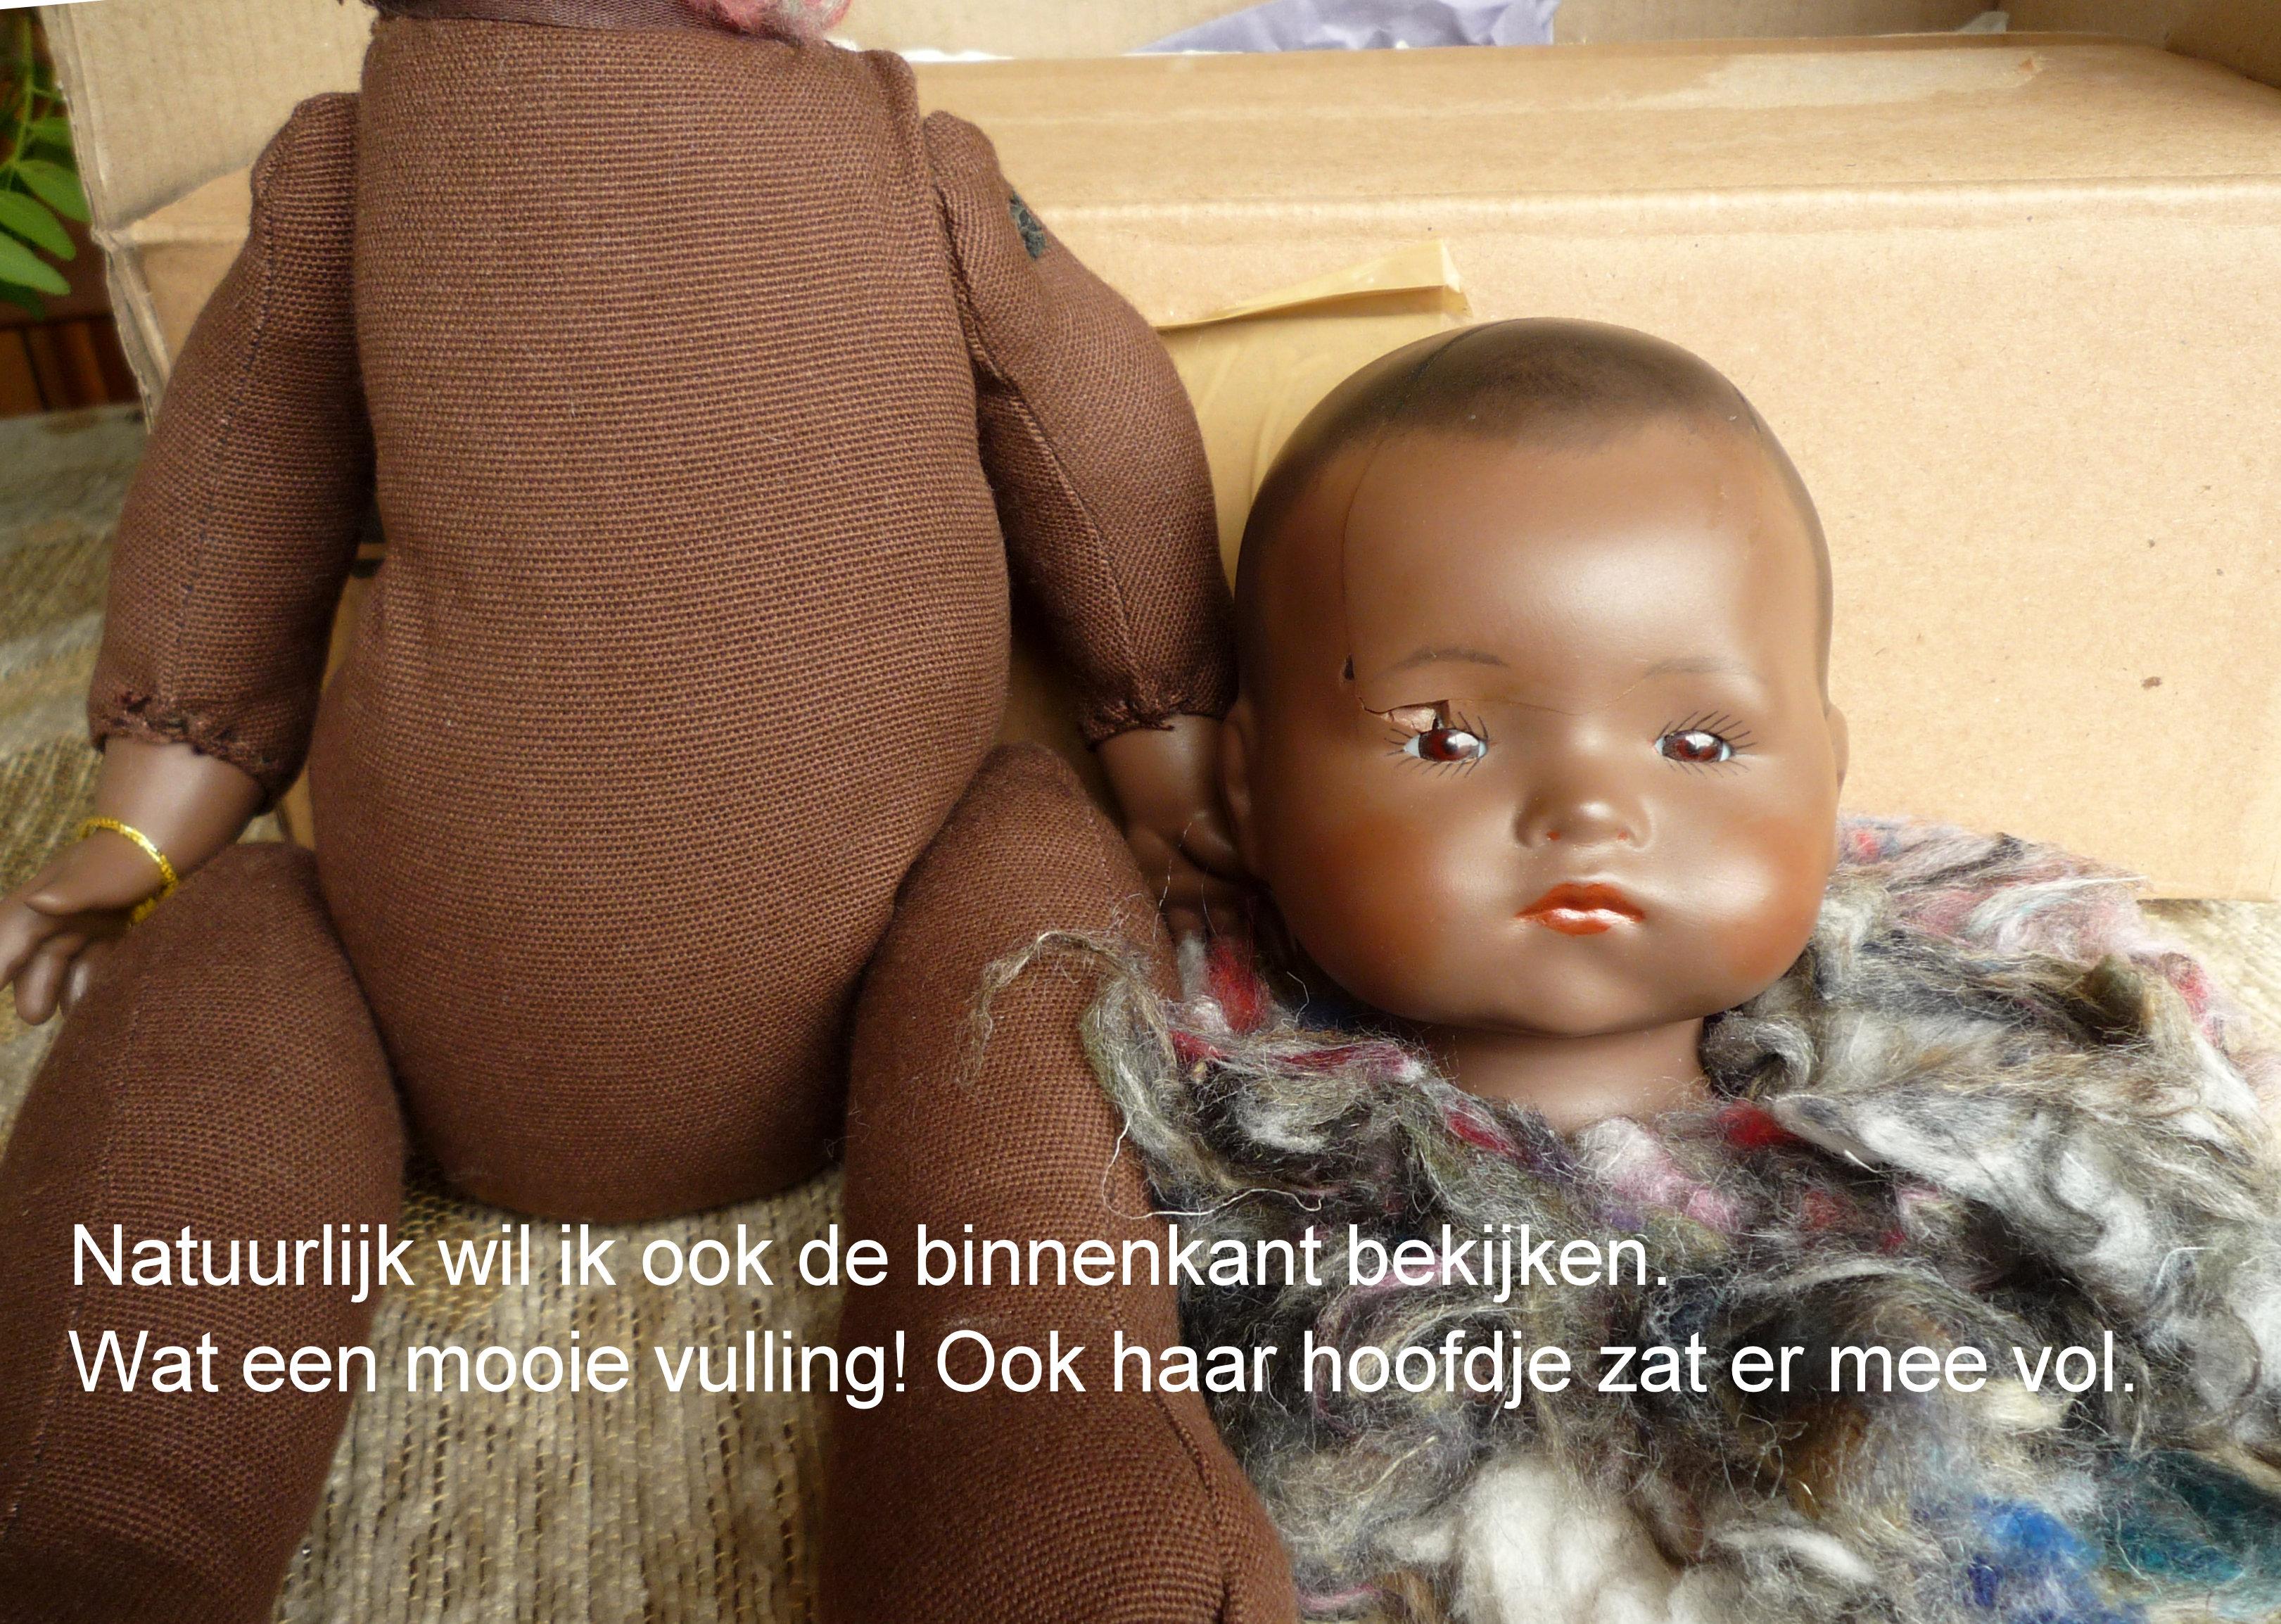 https://welkepopisdat.nl/afbeeldingen-Forum/DurvinaFotos/Talisa%20op%20forum%20(4).JPG